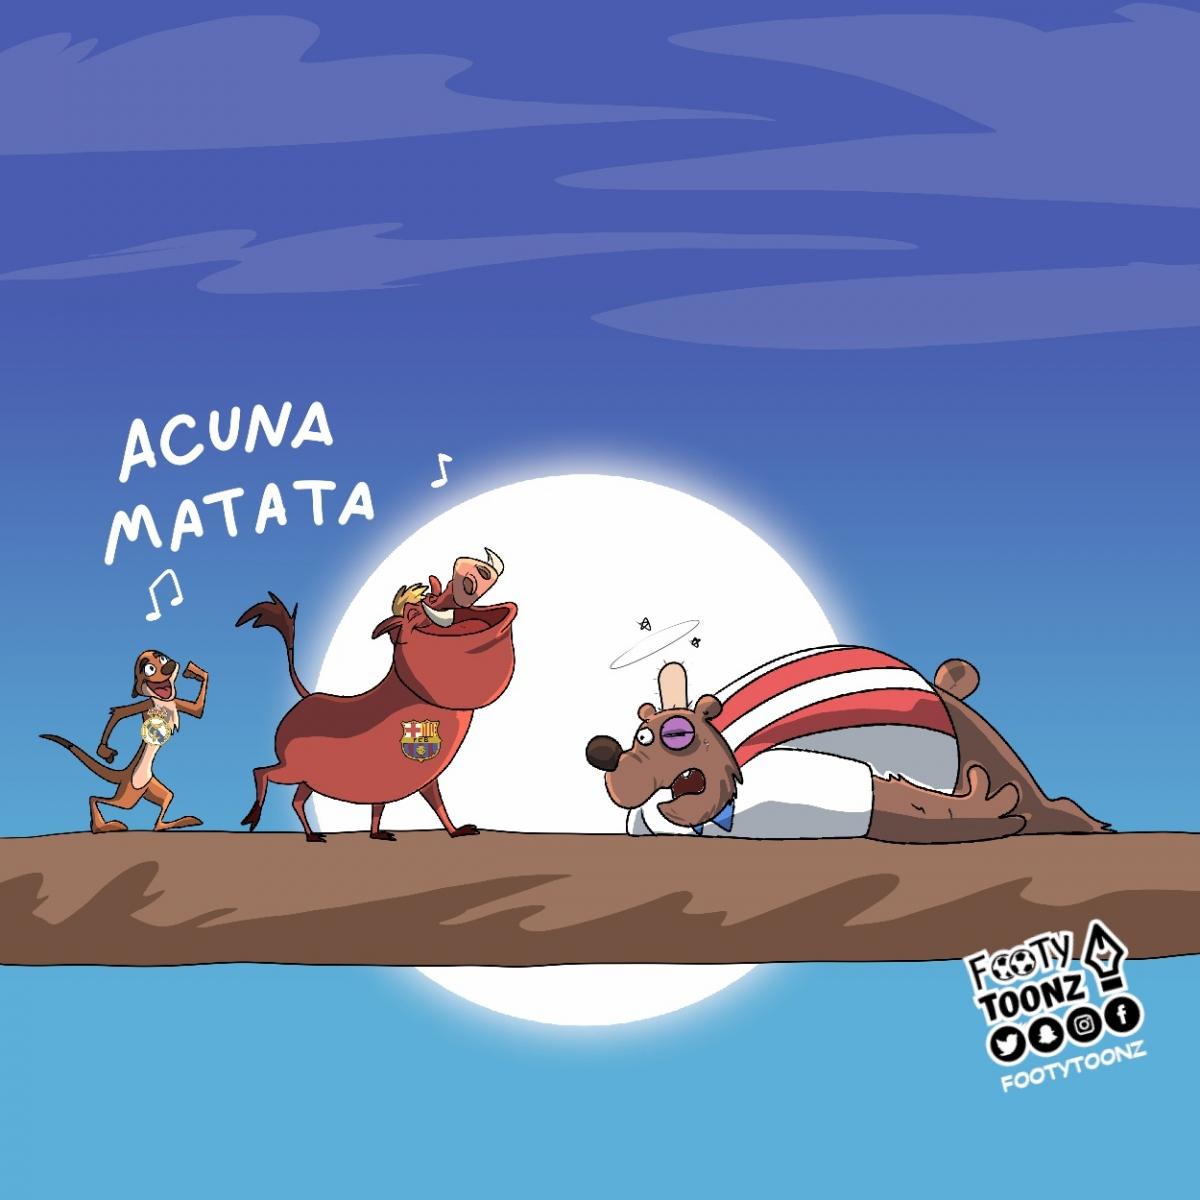 Ghi bàn hạ gục Atletico Madrid, Marcos Acuna trở thành người hùng của Barca và Real Madrid. (Ảnh: Footy Toonz)